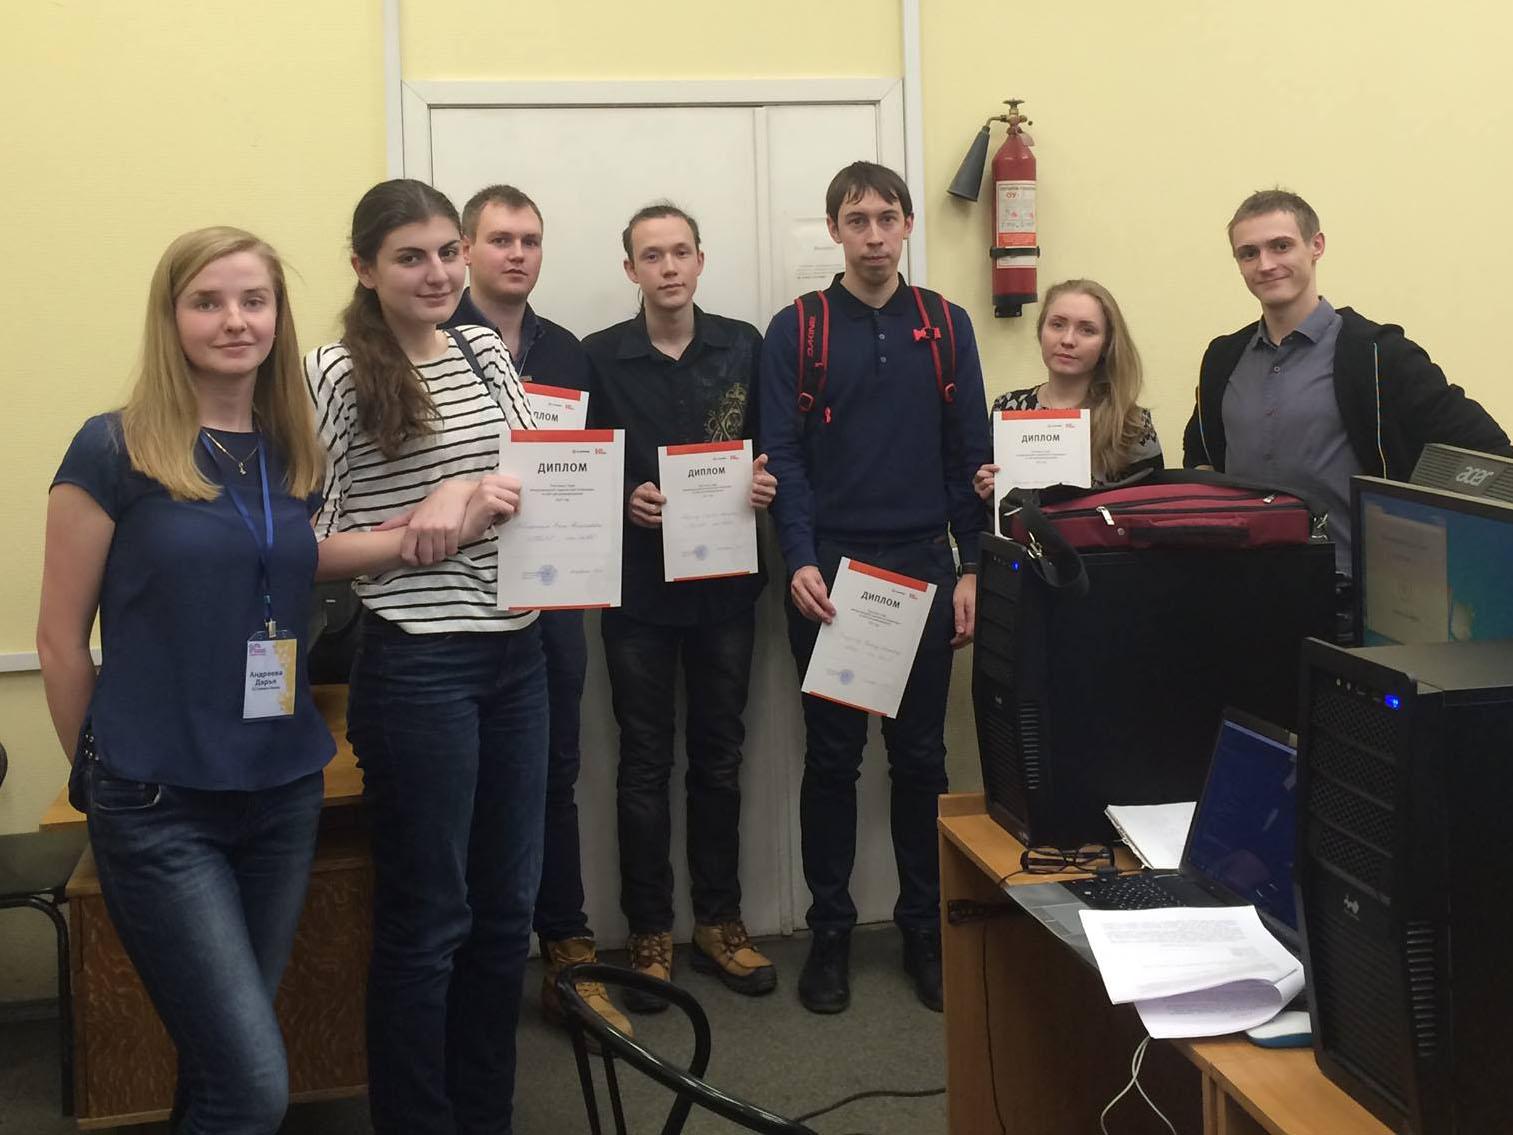 Награждение участников Международной олимпиады по веб-программированию - Эм Си Арт